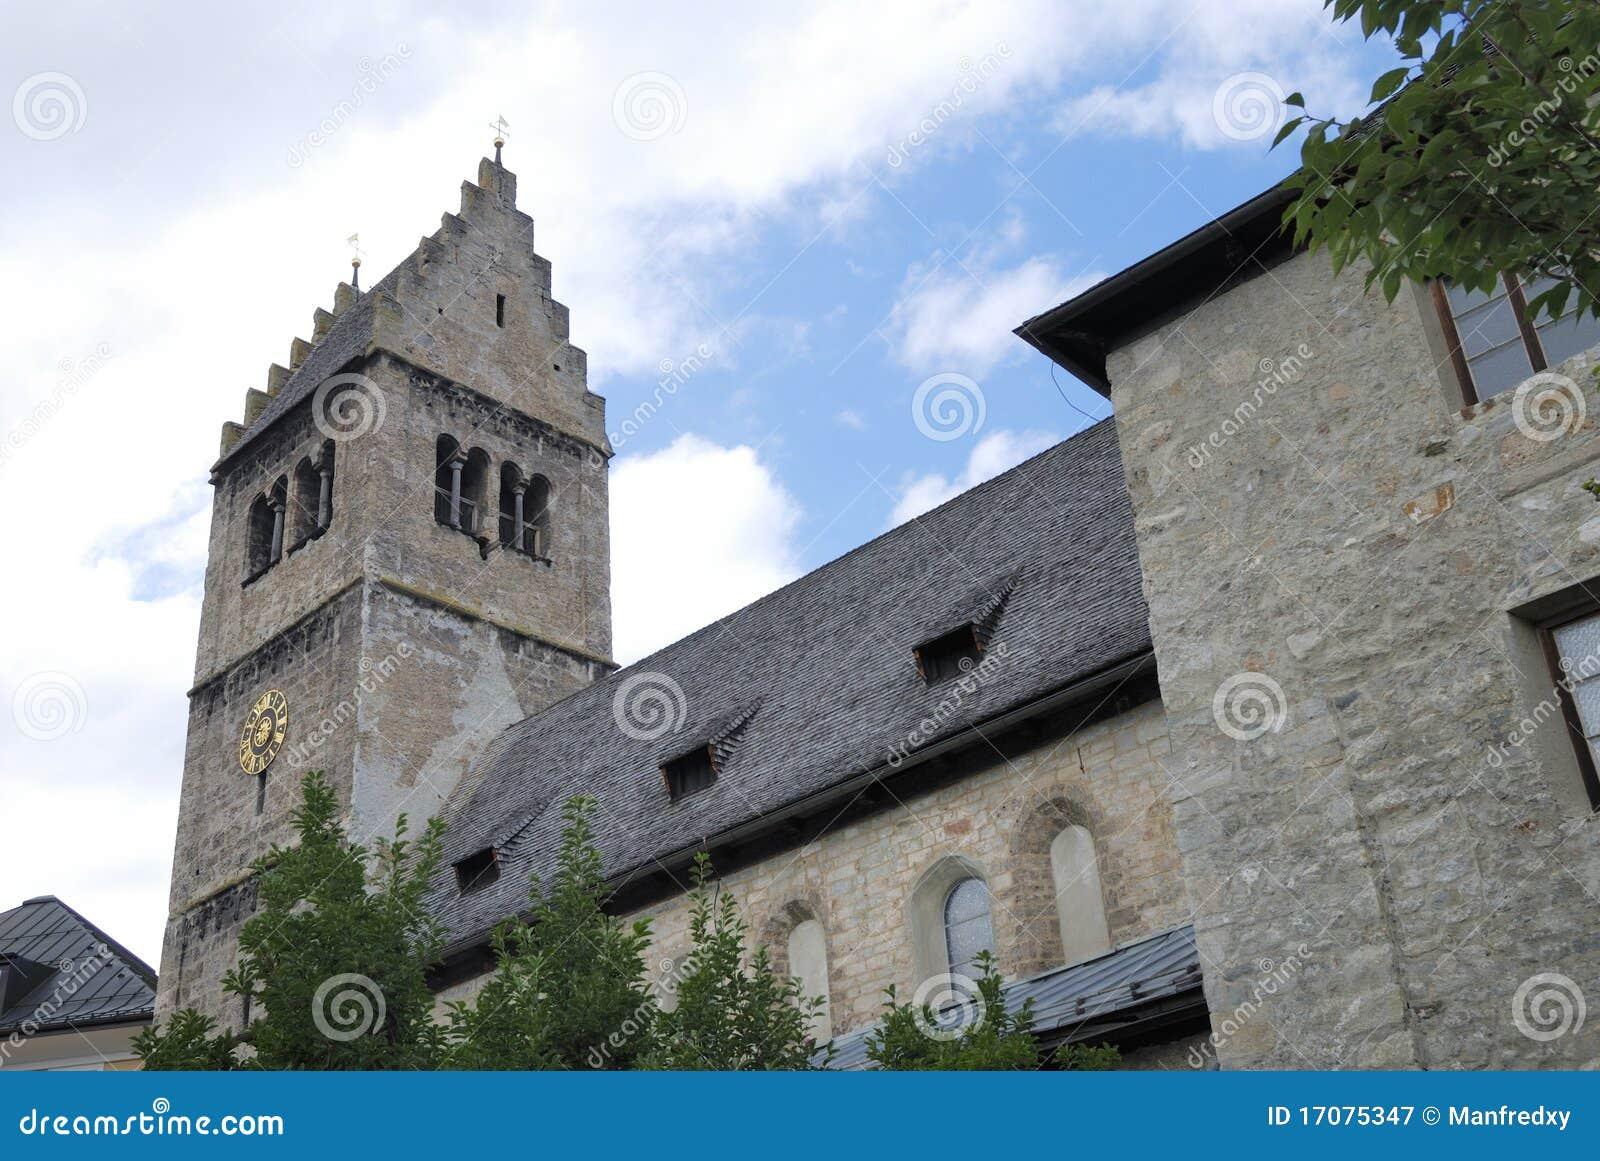 De kerk van Medieaval